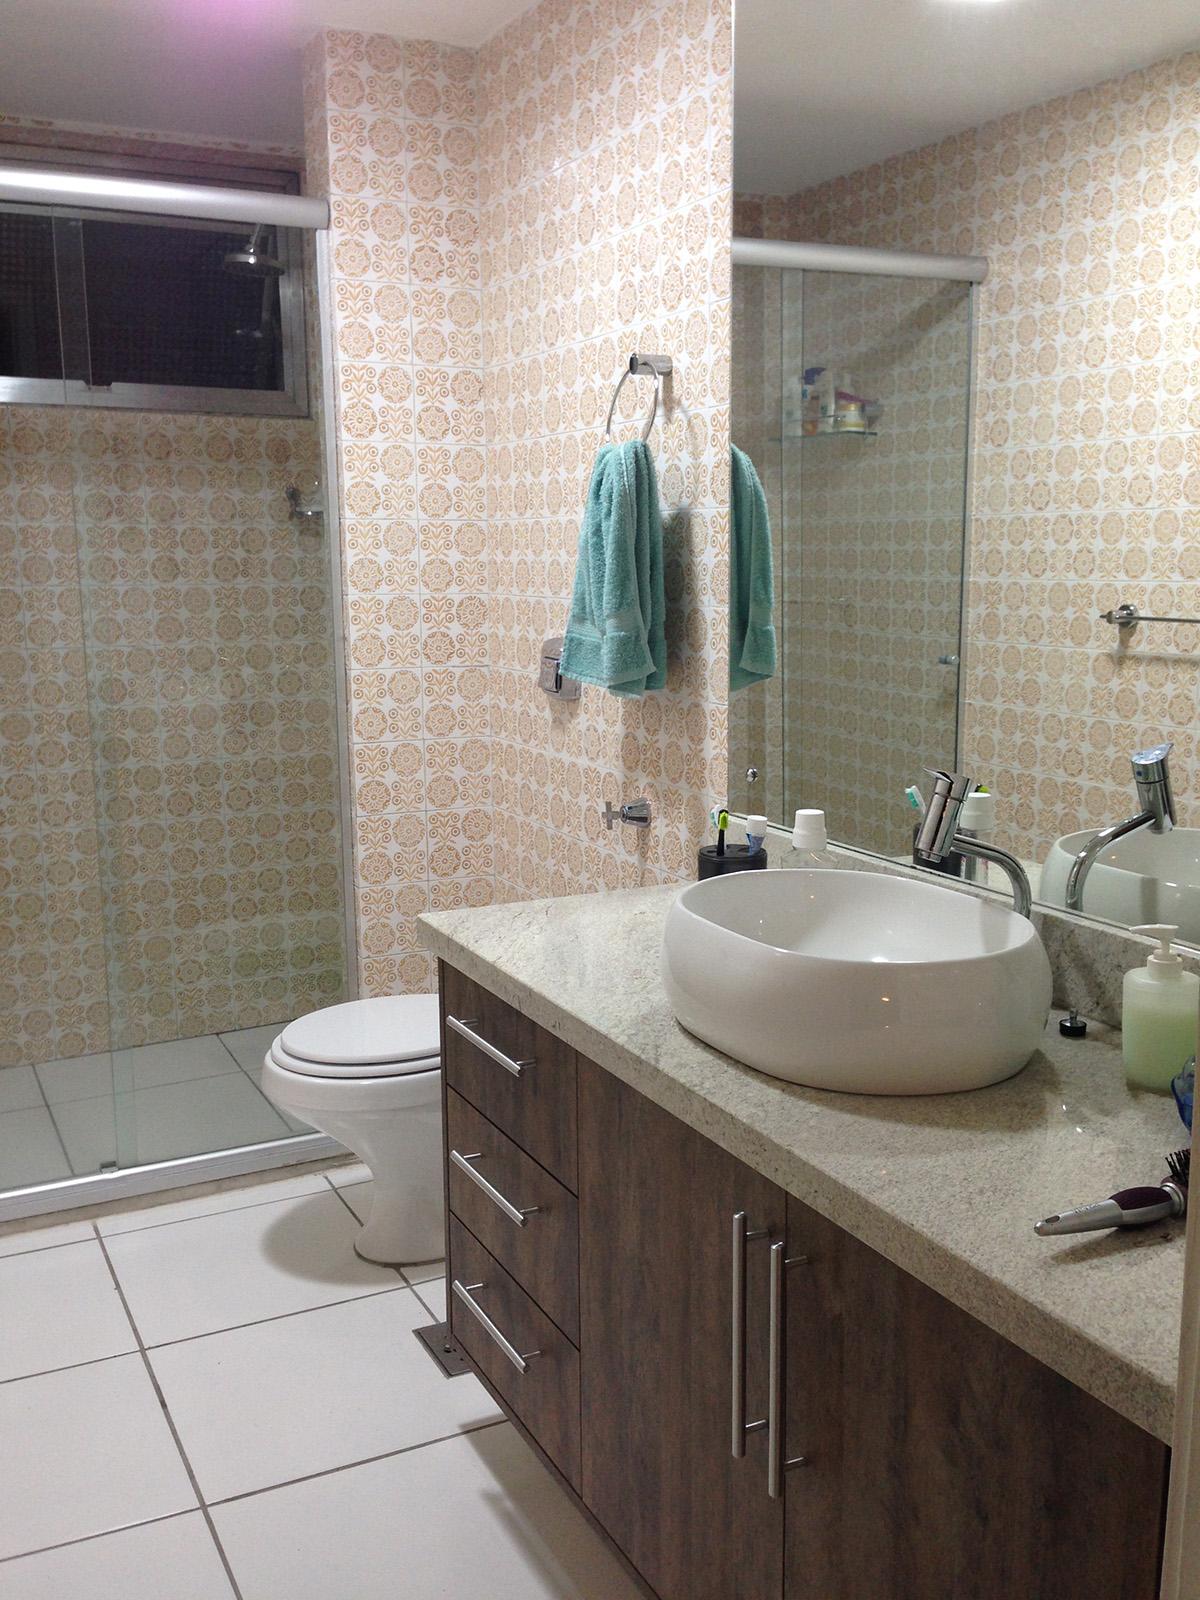 banheiro dormitório casal detalhe box blindex detalhe banheiro dorm  #4D7B7E 1200 1600